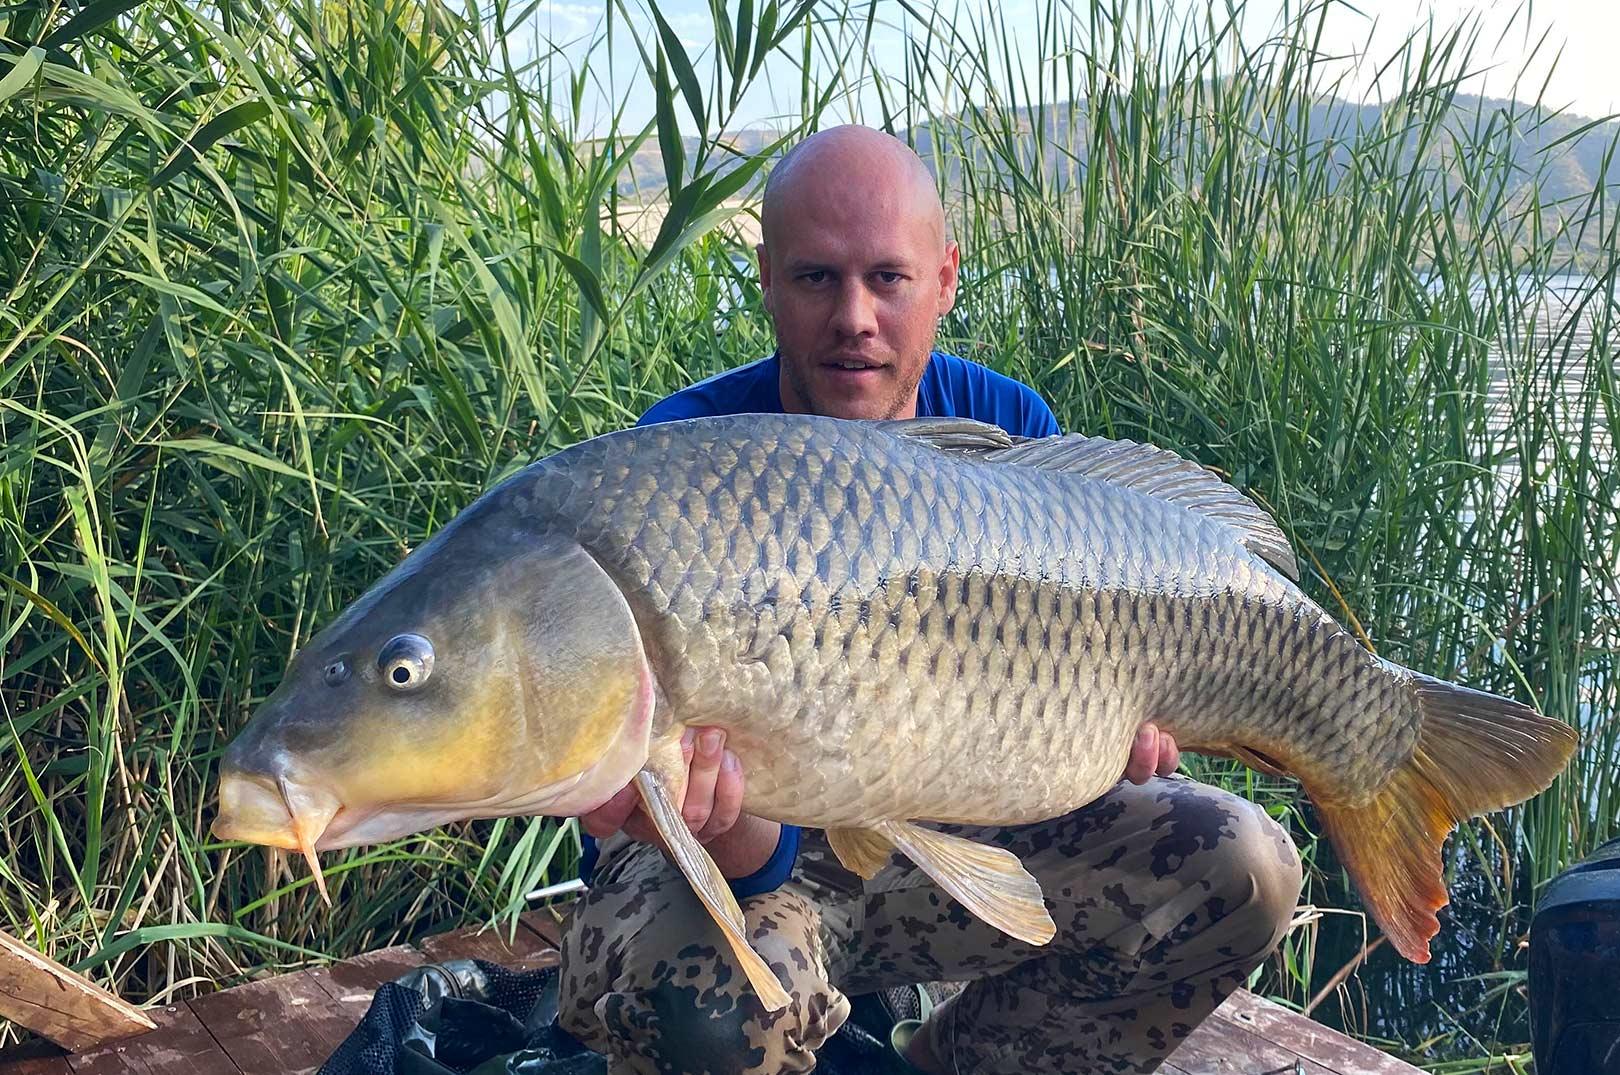 Ebro-floden i det nordøstlige Spanien byder på et fantastisk fiskeri efter ikke blot kæmpemaller - men også flotte skælkarper som denne på 15,9 til Mark Buch Jørgensen.